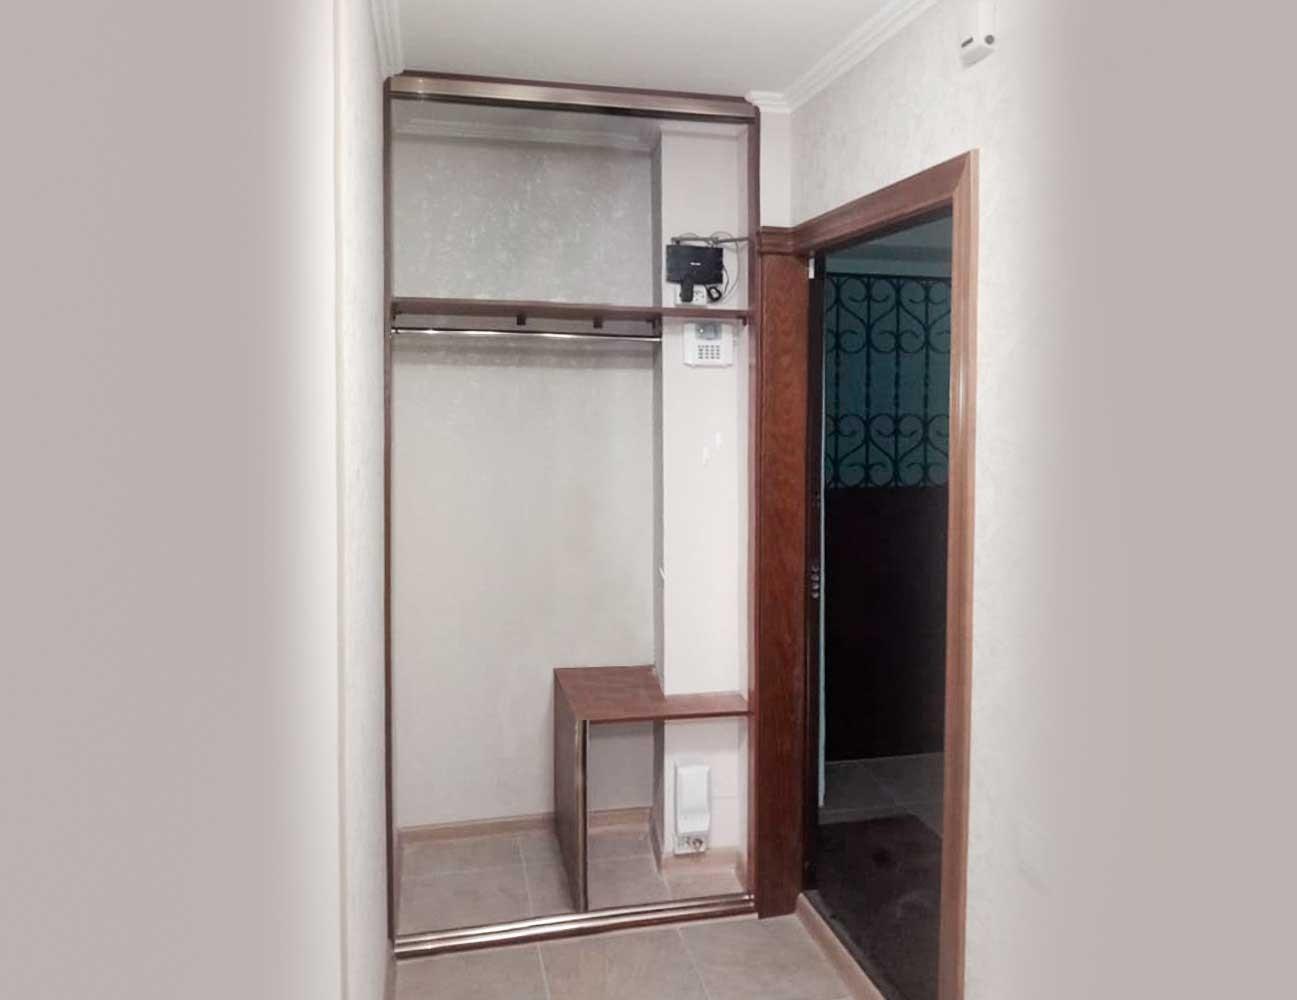 Встроенный шкаф-купе в нишу прихожей